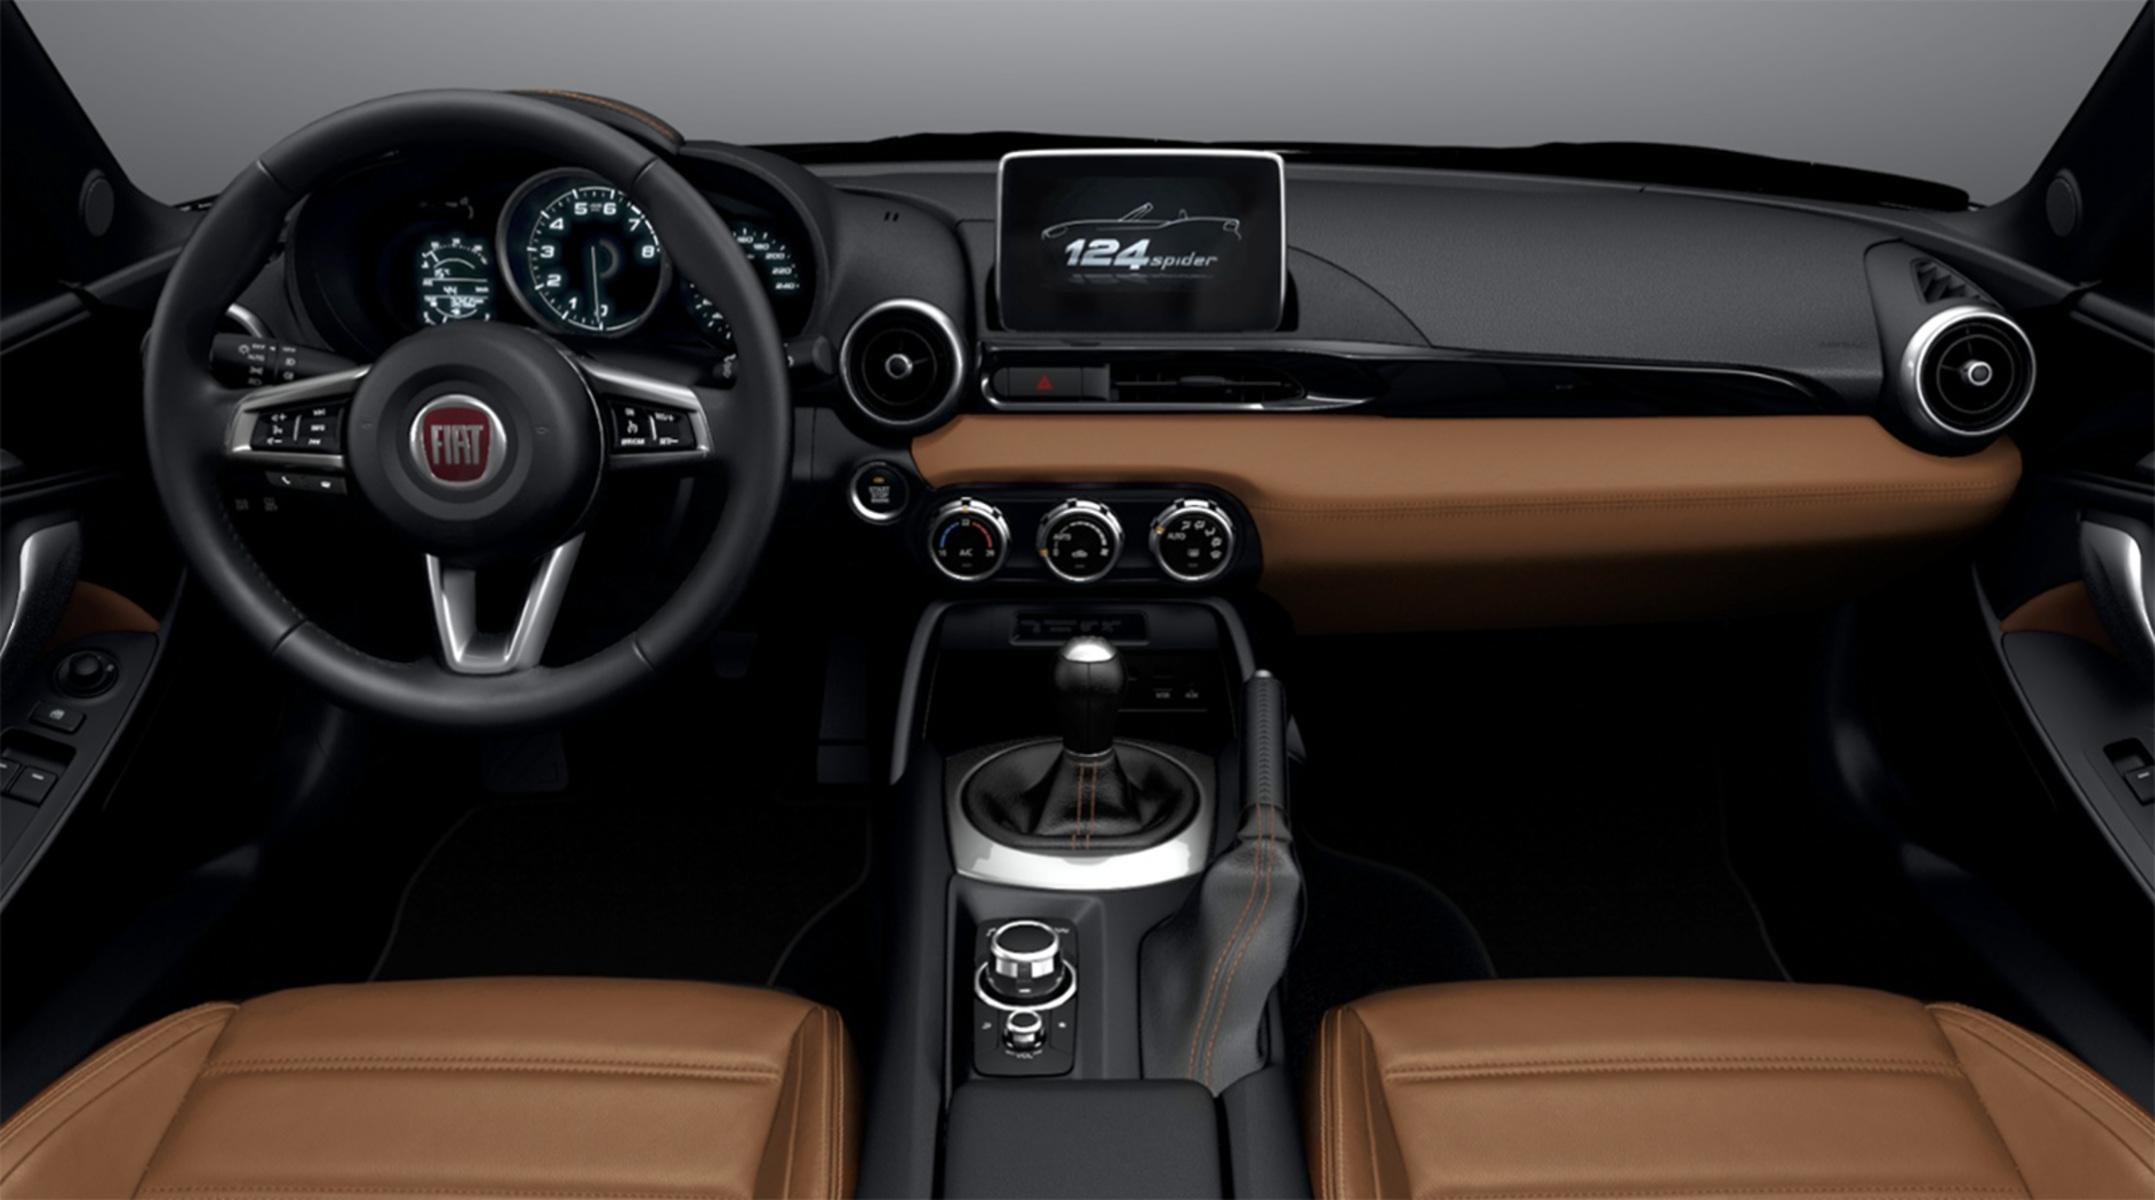 Listino Fiat 124 Spider Prezzo Scheda Tecnica Consumi